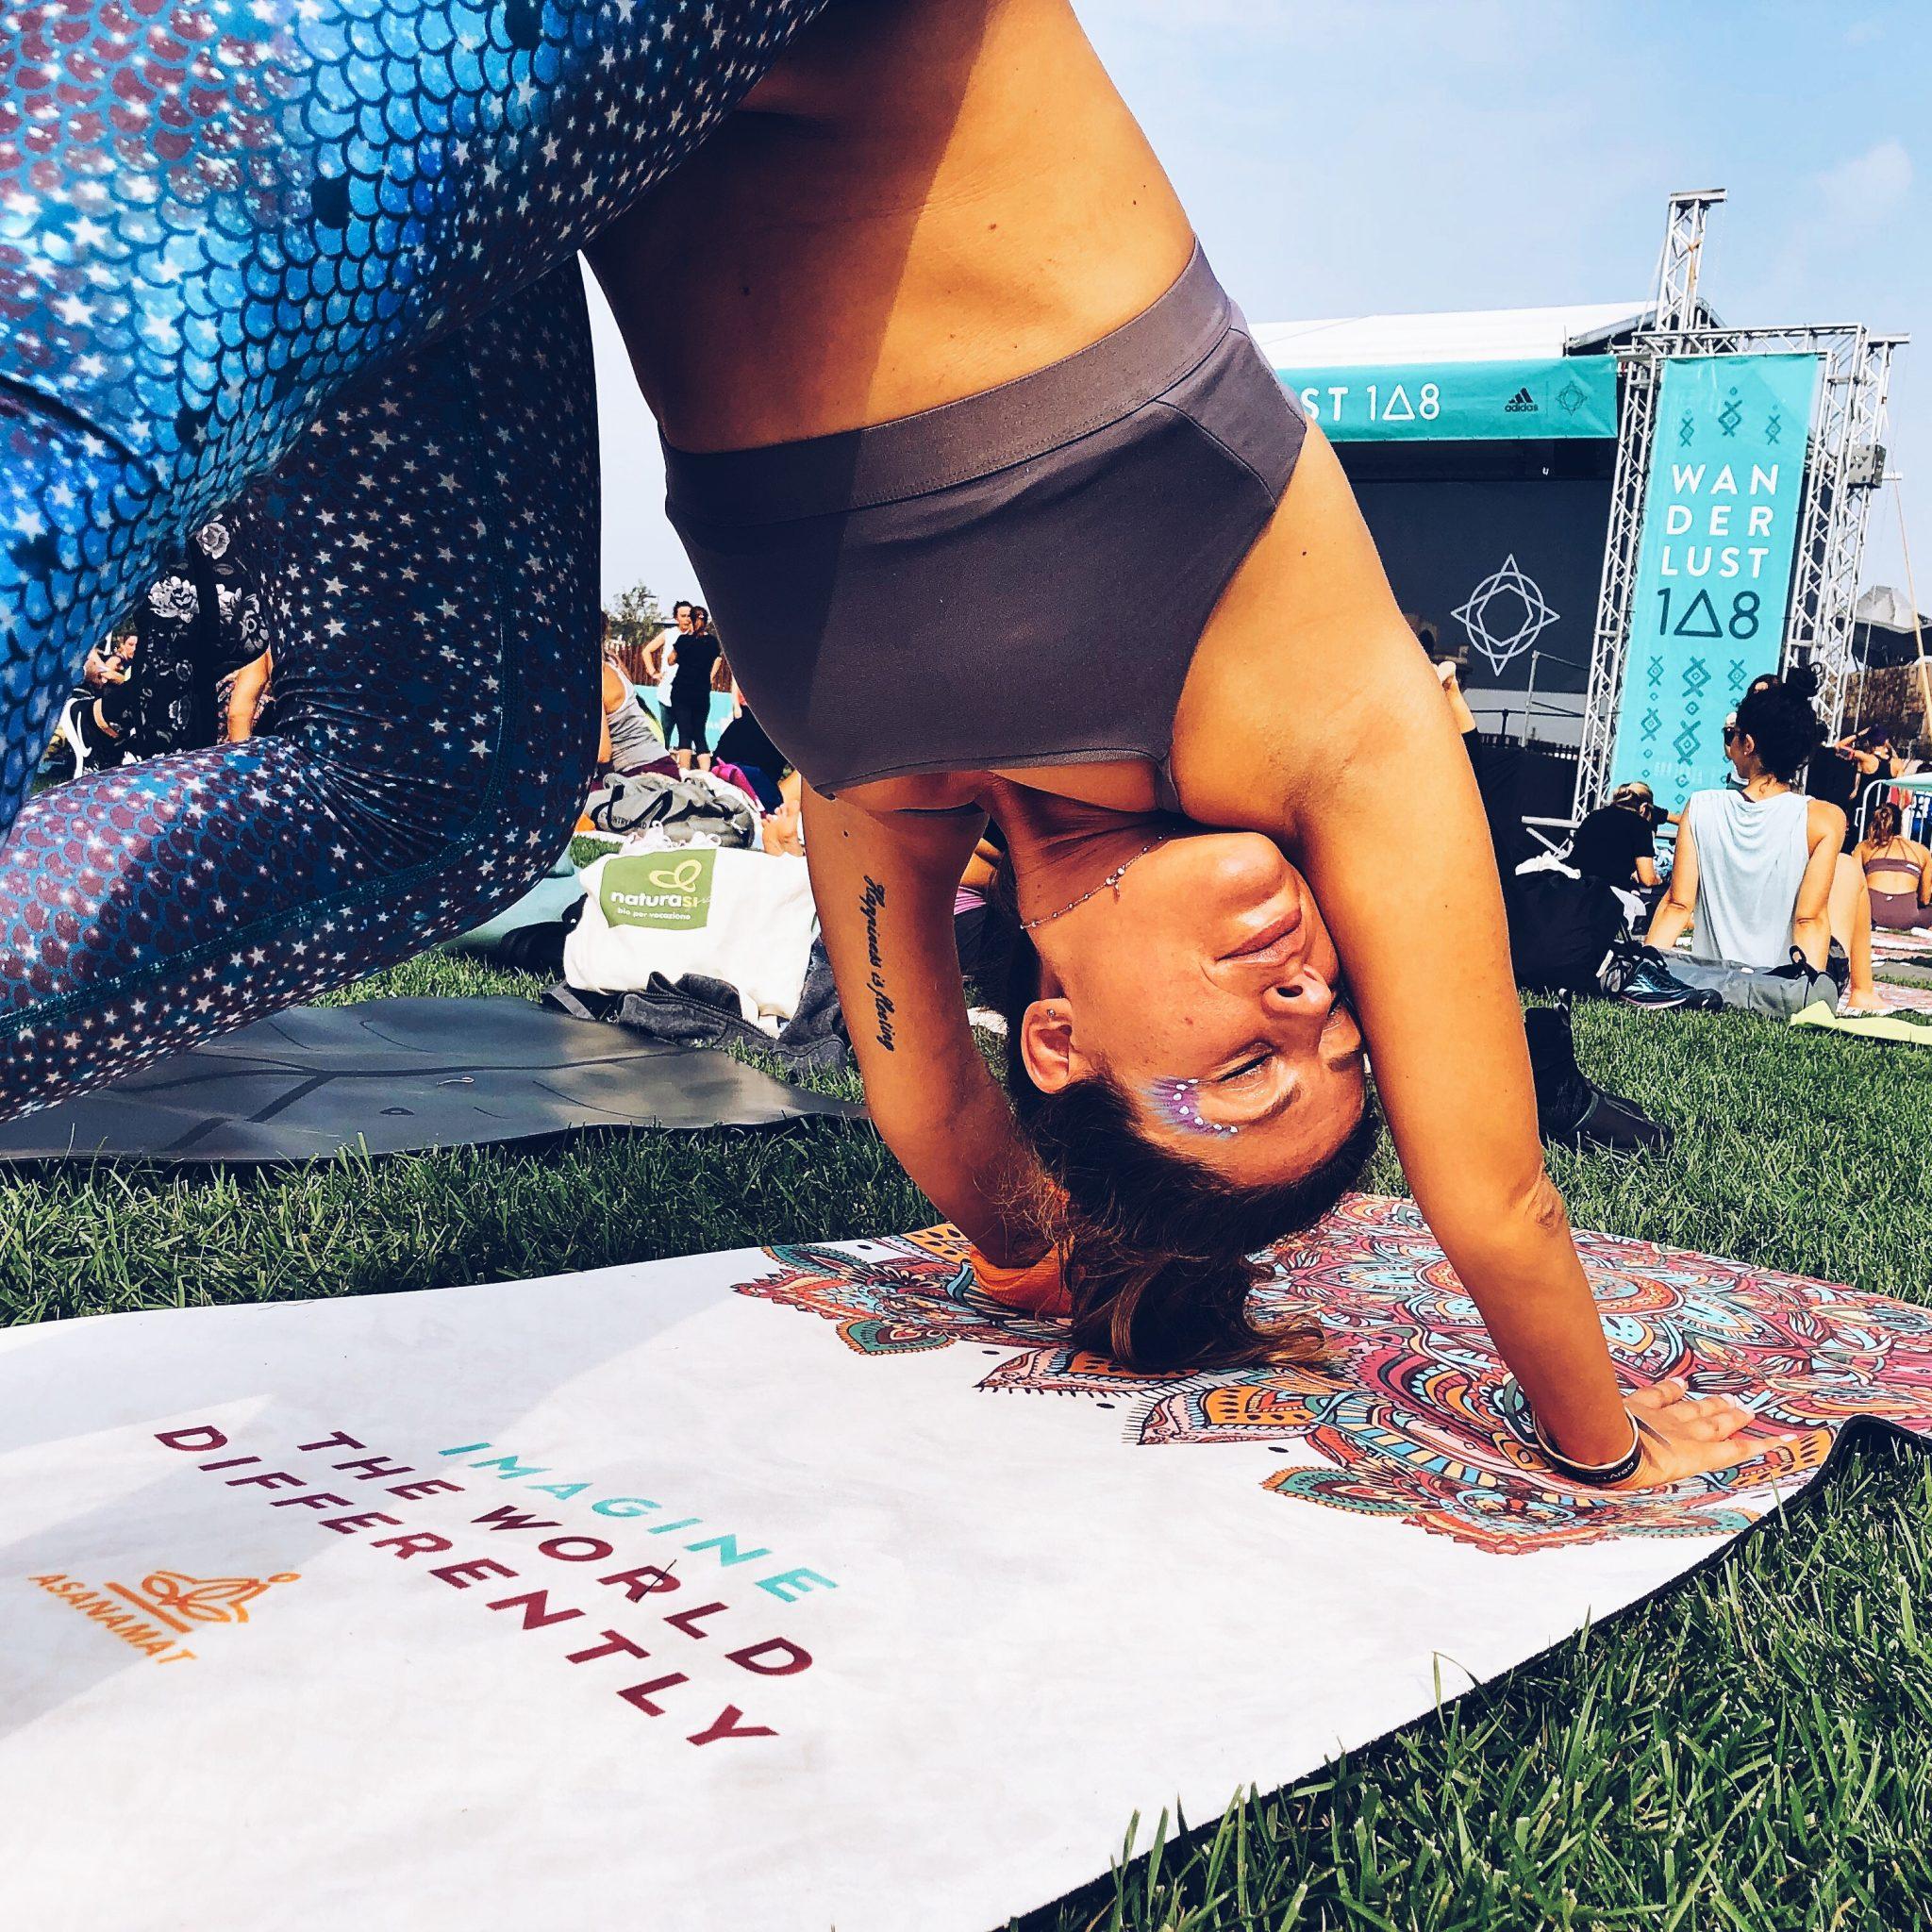 Ragazza che fa yoga durante il Mindful Triathlon - Wanderlust 108 di Milano